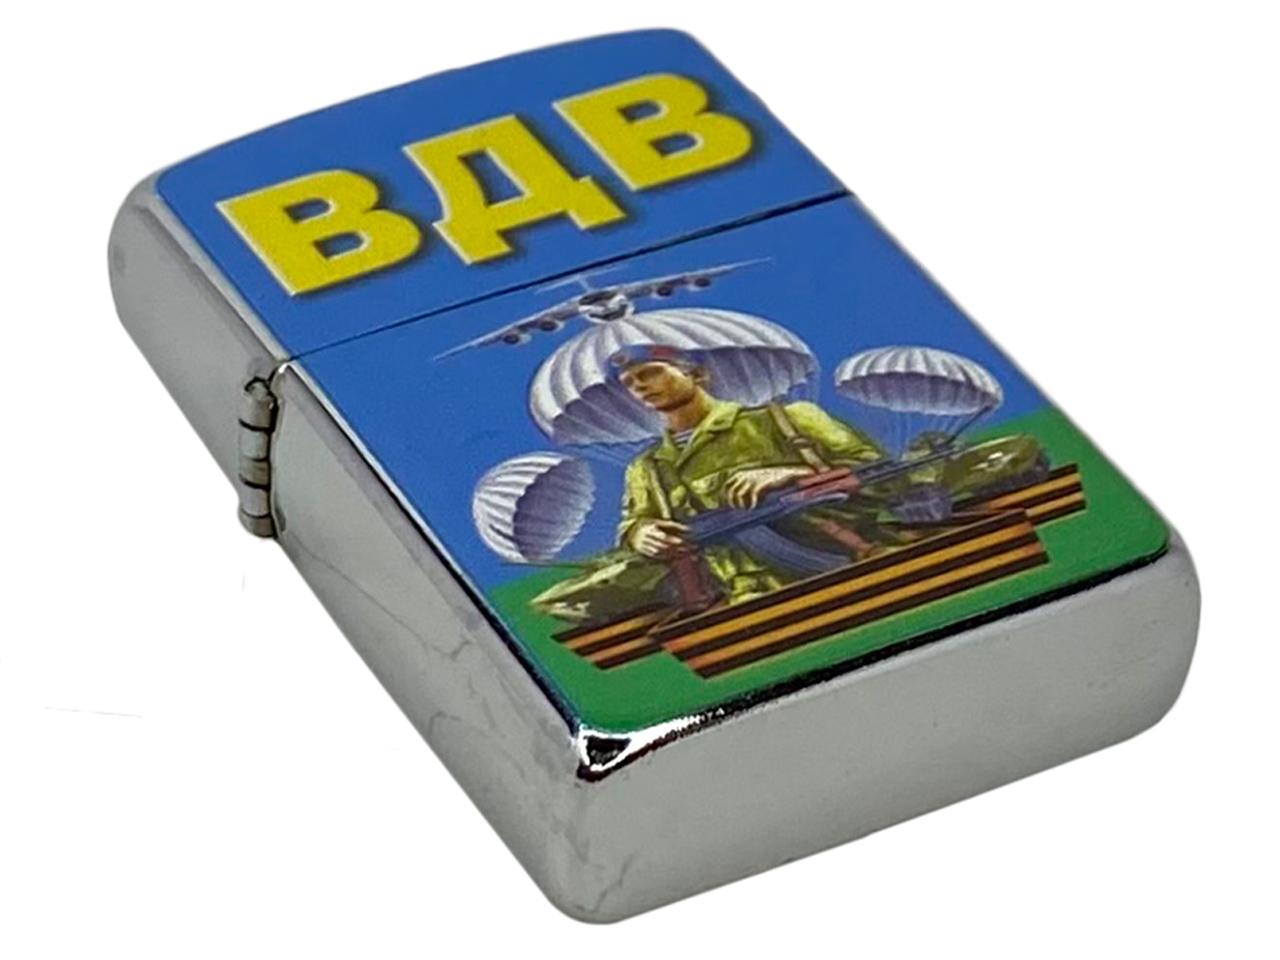 Бензиновая зажигалка ВДВ Десантник - с доставкой